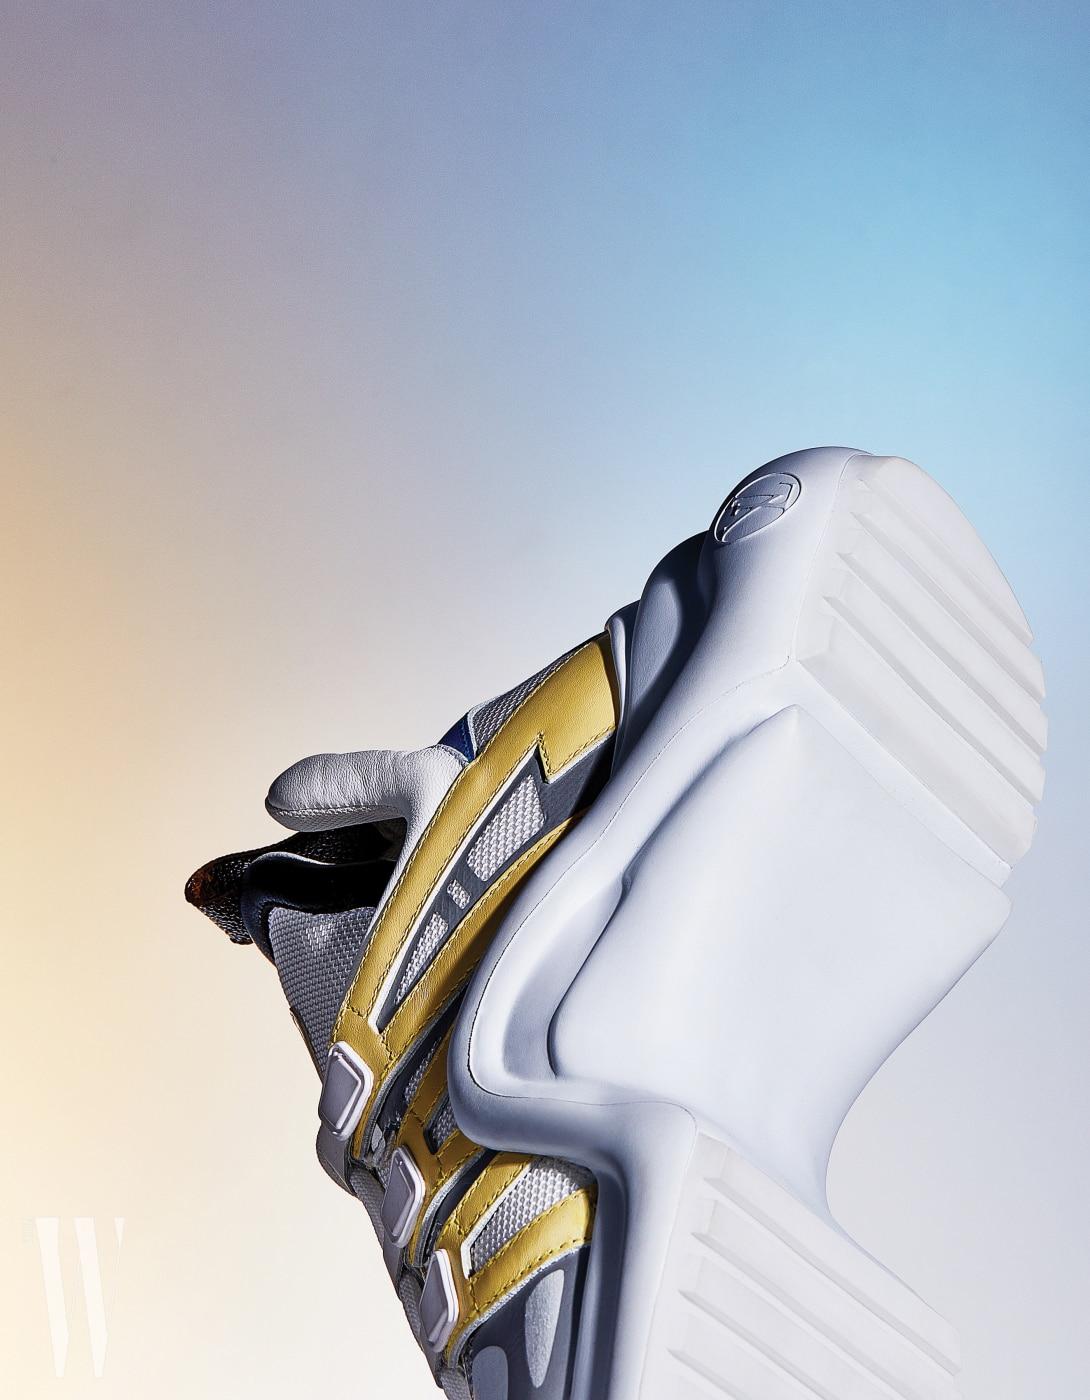 건축적인 곡선을 자랑하는 아치라이트 스니커즈는 루이 비통 제품. 1백만원대.